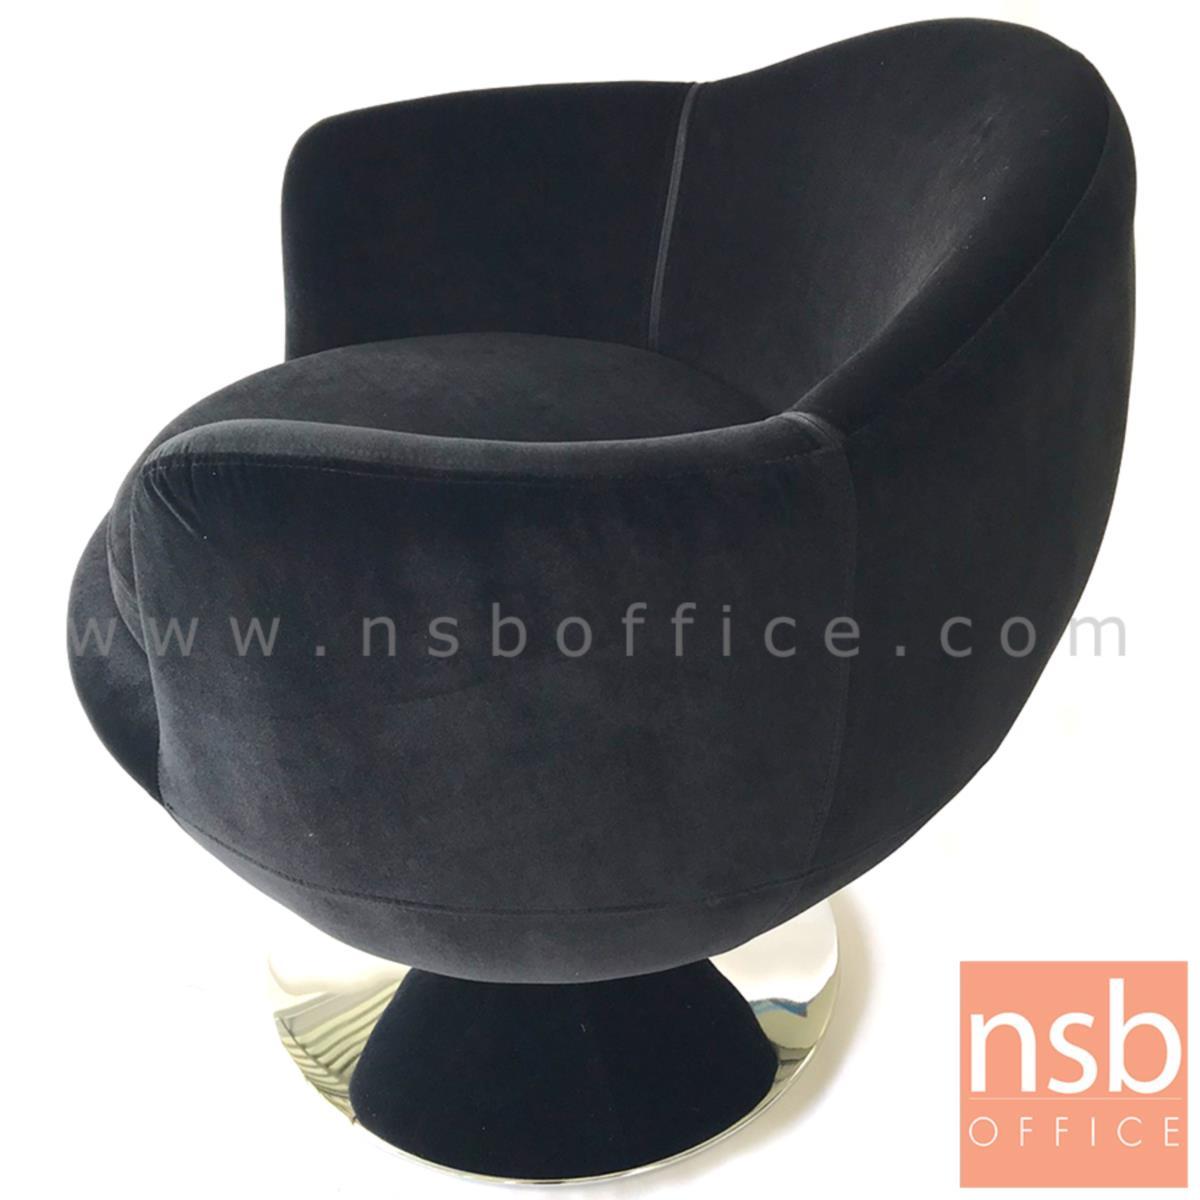 เก้าอี้โมเดิร์นหุ้มผ้า รุ่น velvet (เวลเวท)  โครงขาจานเหล็กชุบโครเมี่ยม